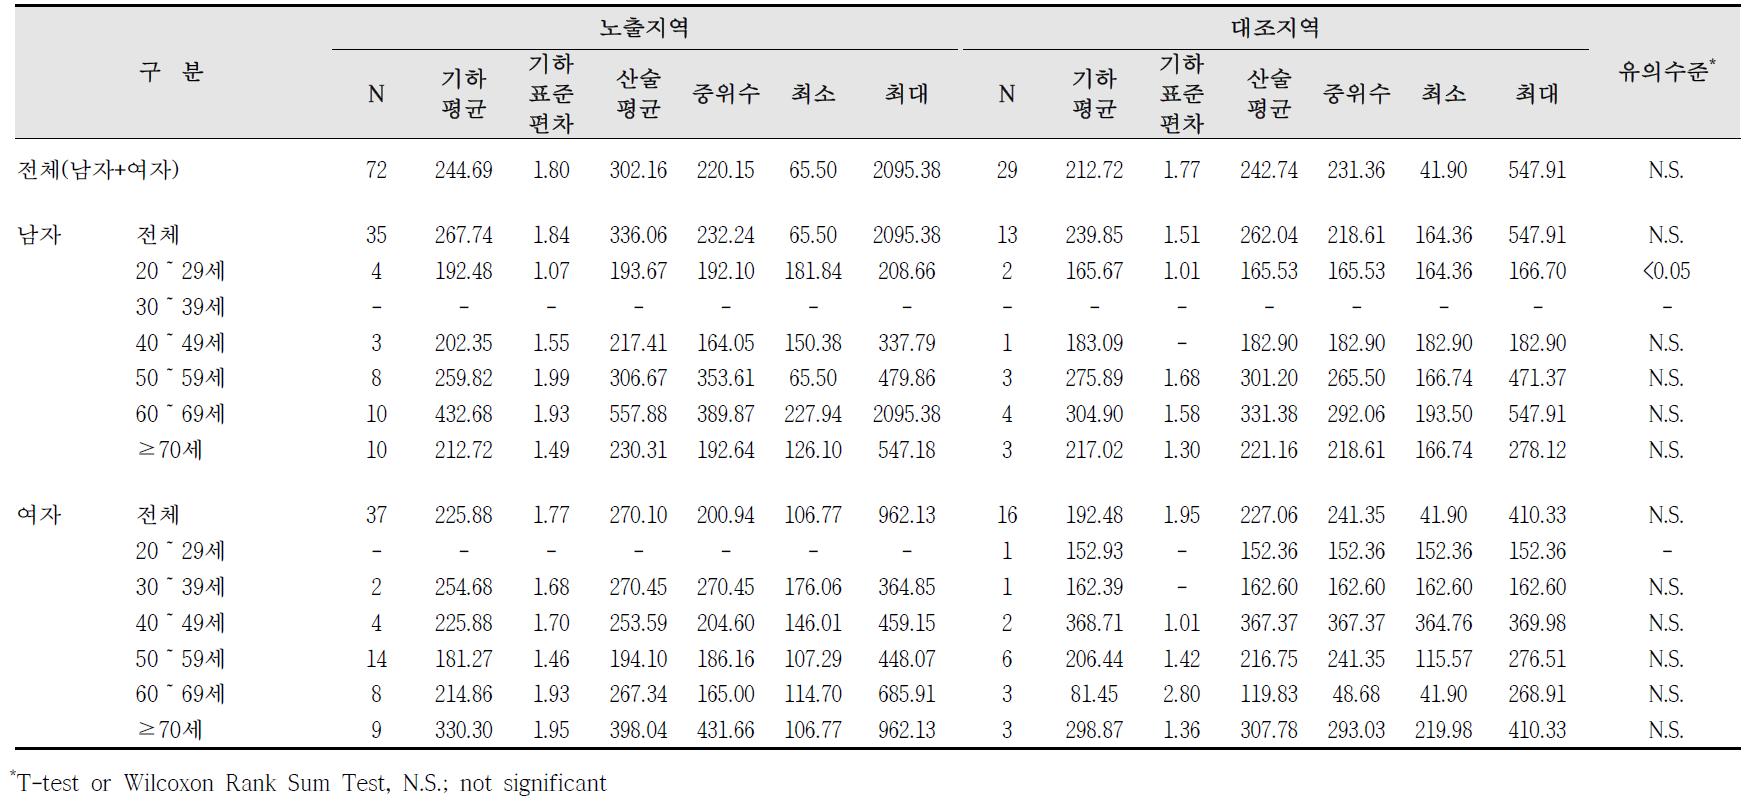 대산산업단지 요중 MA 농도 비교